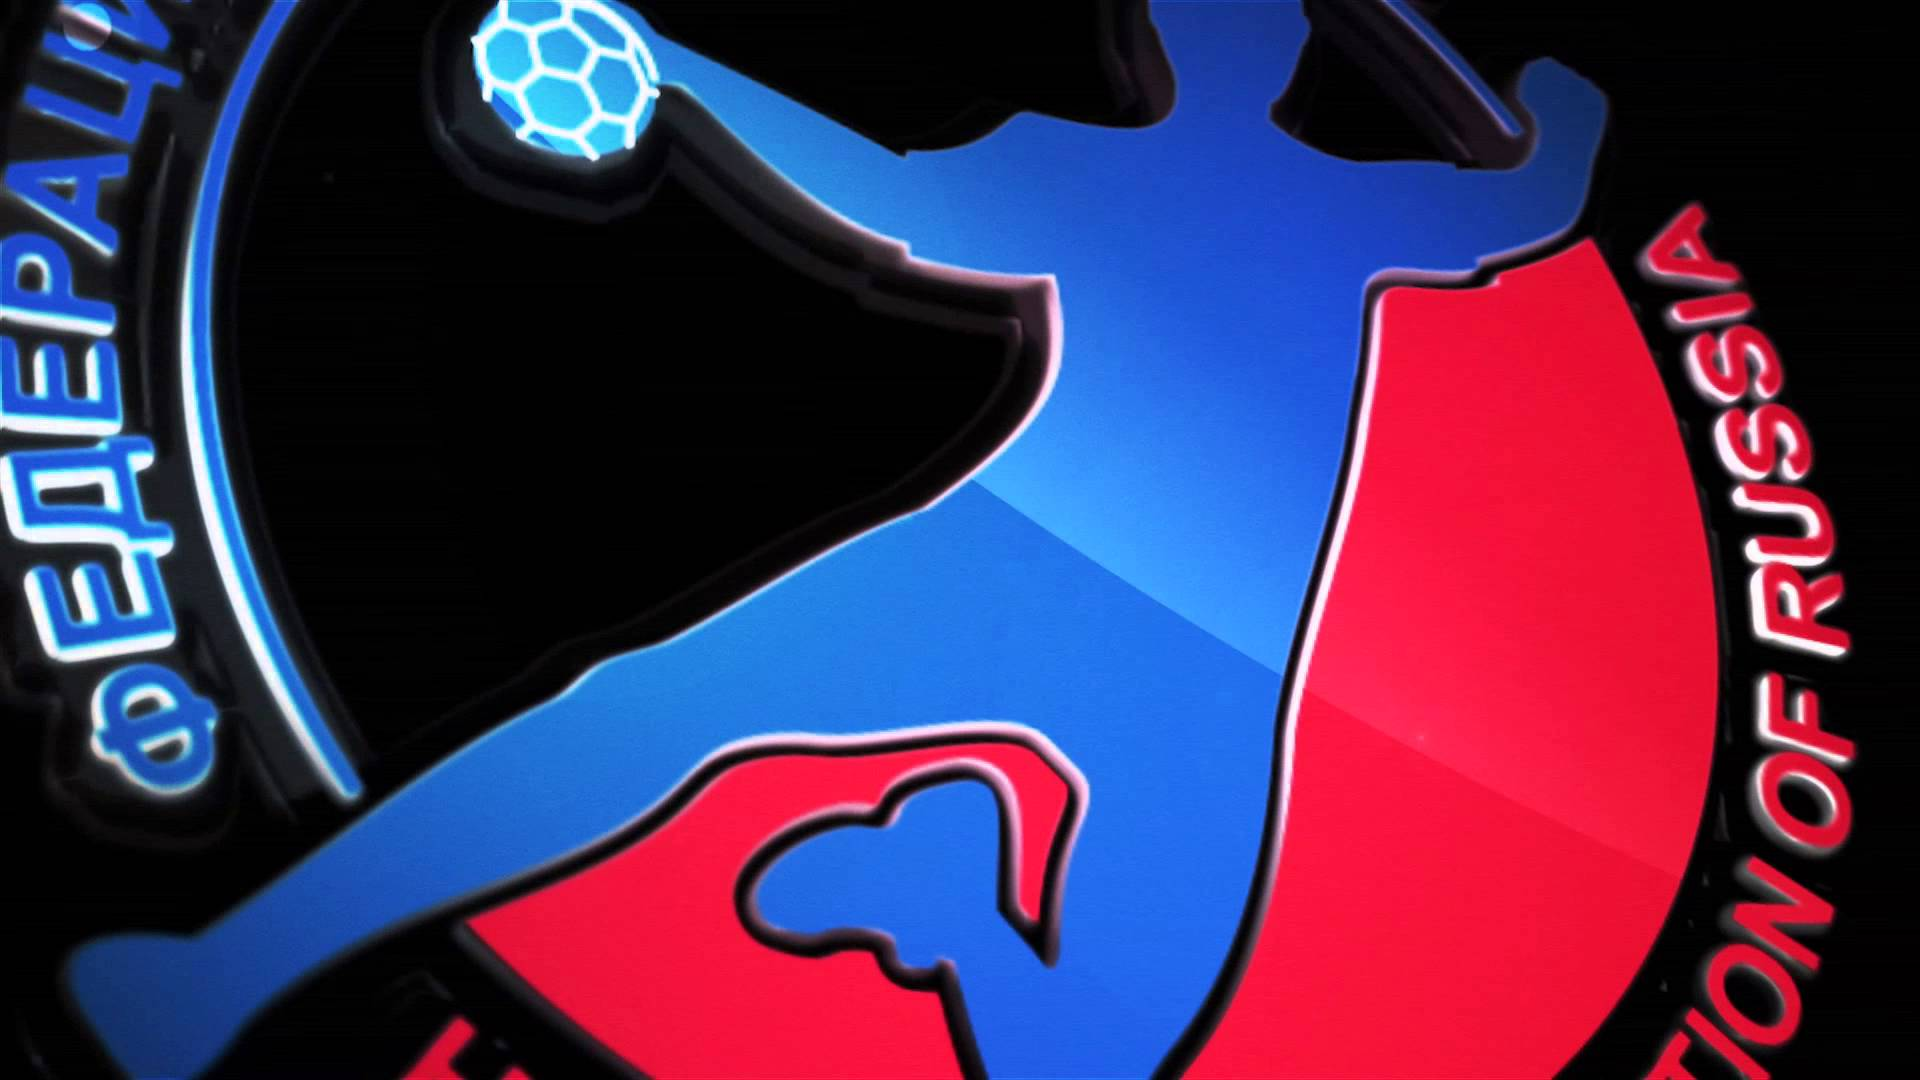 Позитивные допинг-пробы у русских гандболисток могли быть спланированной провокацией— Федерация гандбола